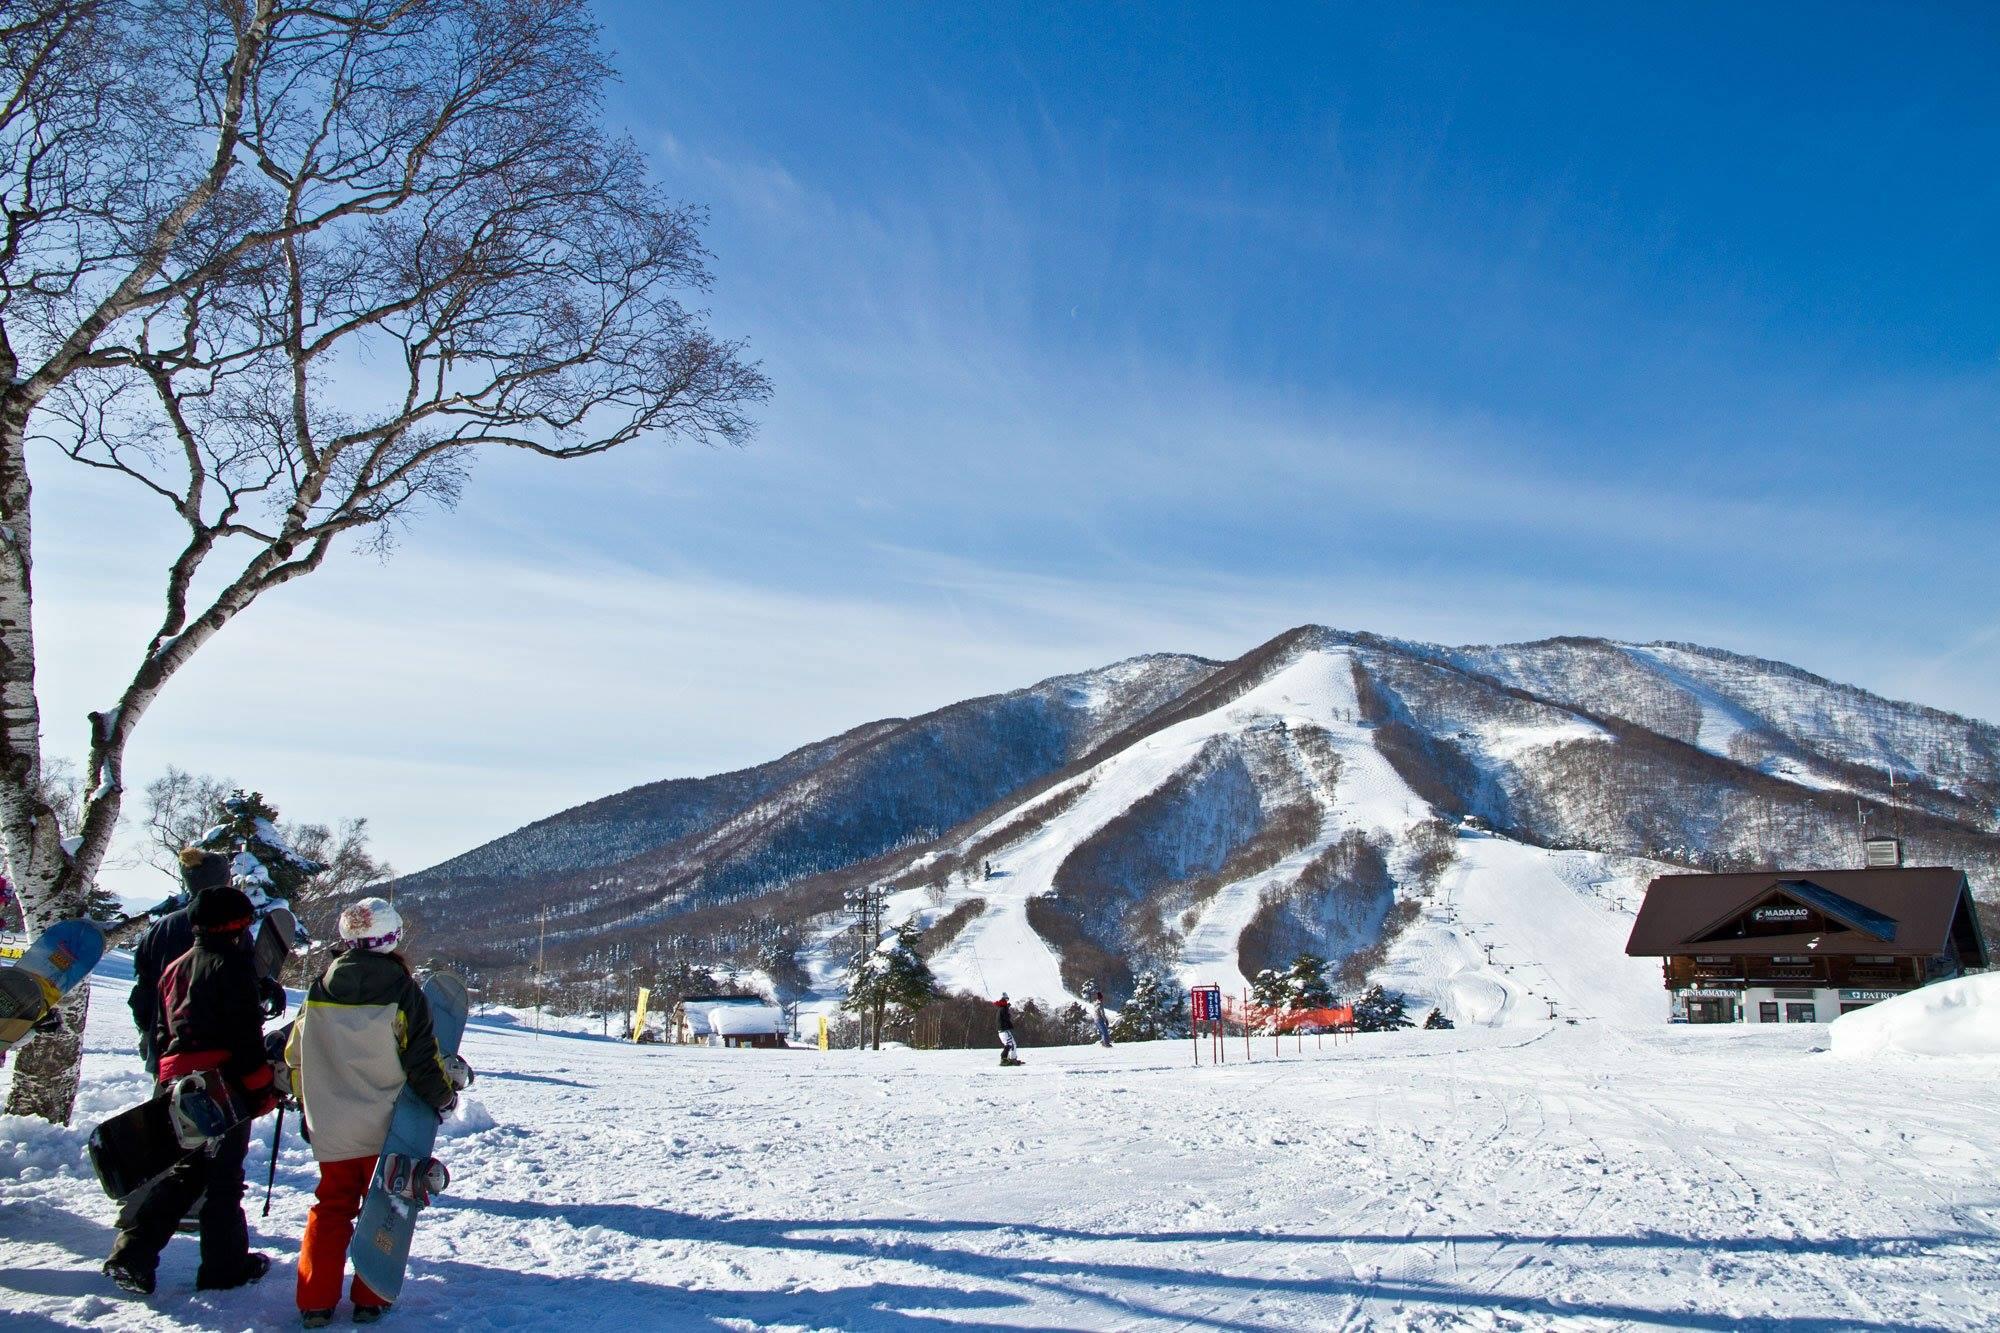 日本国内でスキー・スノボを楽しむ おすすめスキー場7選